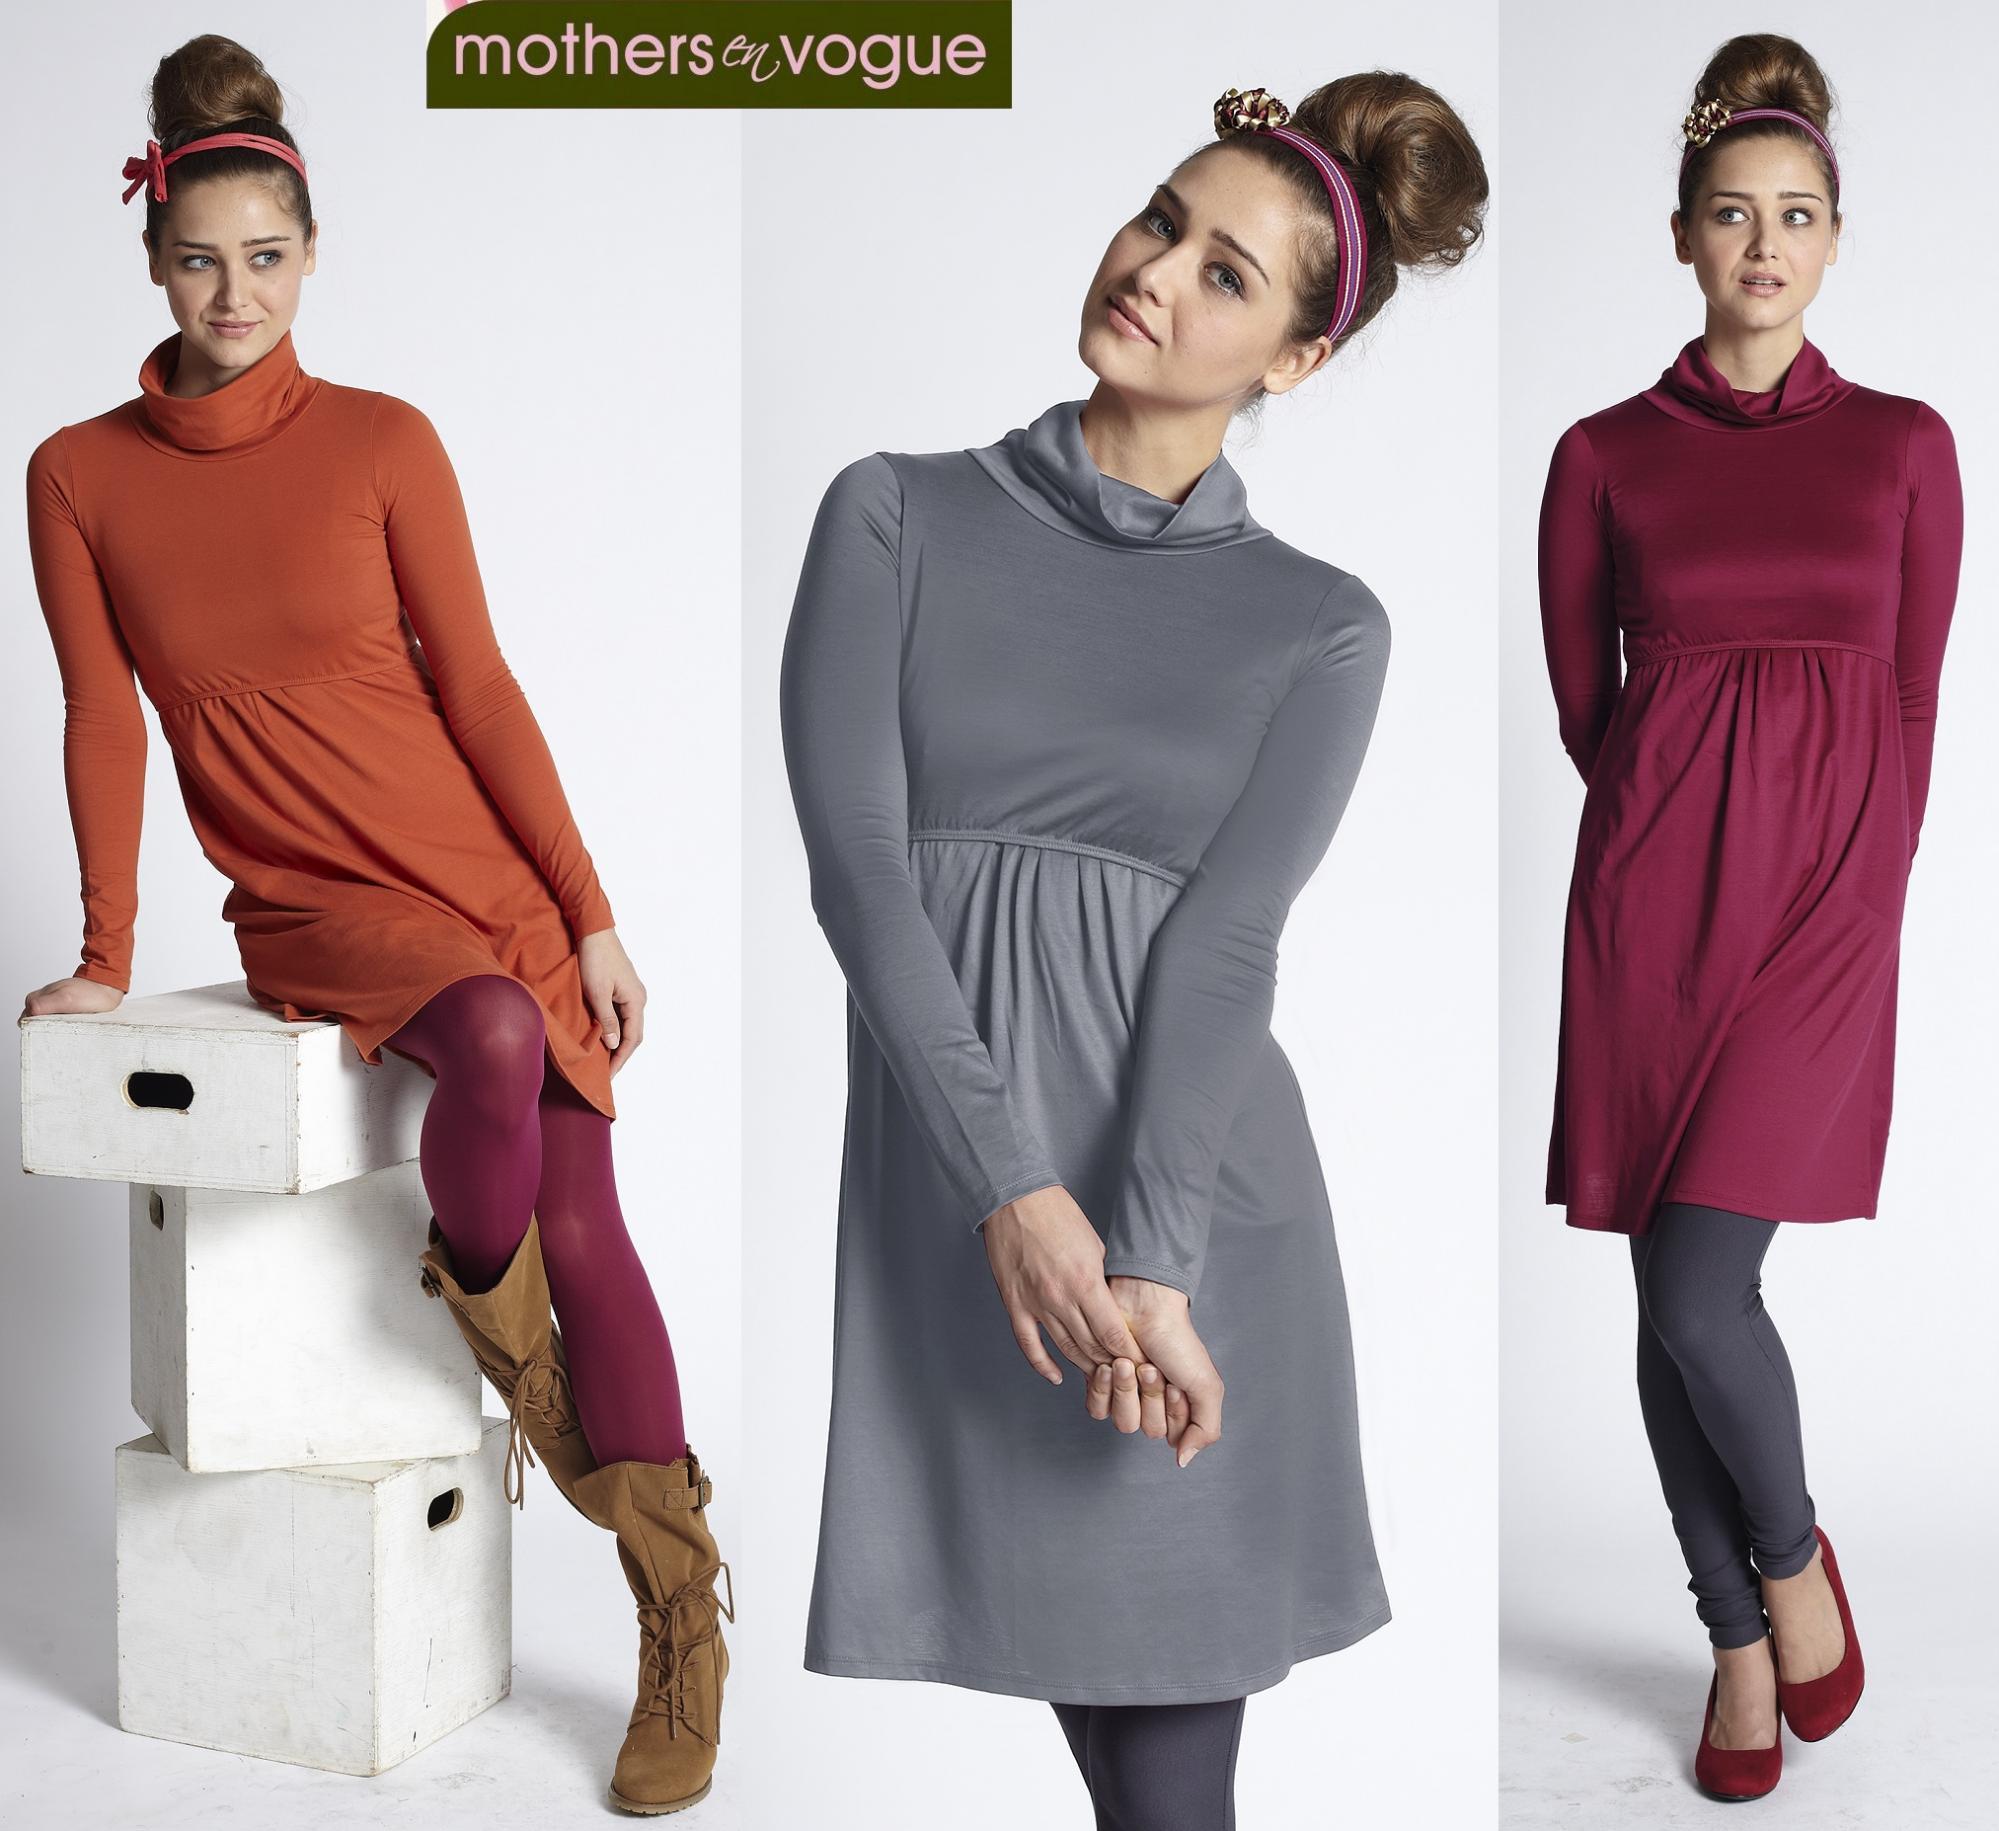 mothers-en-vogue-must-have-turtle-neck-nursing-dress-all.jpg